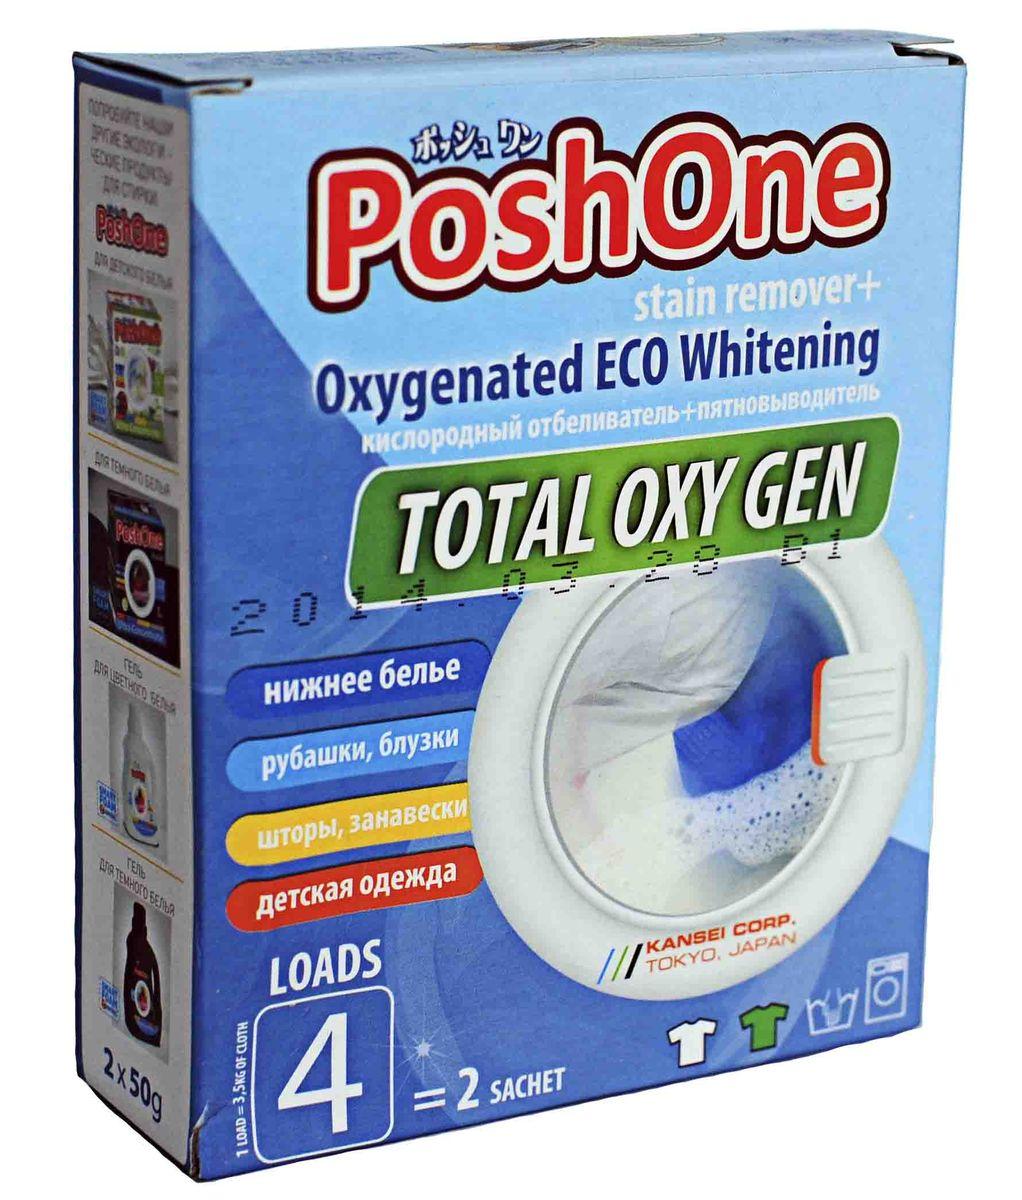 Кислородный отбеливатель и пятновыводитель Posh One Total Oxy Gen, 100 г929076Концентрированный кислородный отбеливатель+пятновыводитель+ стиральный порошок для белого/цветного белья, может использоваться для безопасной дезинфекции детского белья (60-90 С) (не содержит эко-токсичных компонентов), на основе активного кислорода, запатентованная комбинация энзимов TRI-ENZYMES®, 2х концентрация (25мг = 1 стирка), дозировка со стиральным порошком: 1 саше = 2 стирки (1 стирка = 3,5 кг сухого белья), дозировка 4в1: 1 саше = 1 стрика ( на 5-7 кг сухого белья), без хлора/ без силикона/ без оптических отбеливателей, биоразлагаемая формула, отличная альтернатива VANISH (не требует добавления стирального порошка) РЕКОМЕНДАЦИИ: для обработки воротничков и манжетов, удаления застарелых пятен жира и органических загрязнений